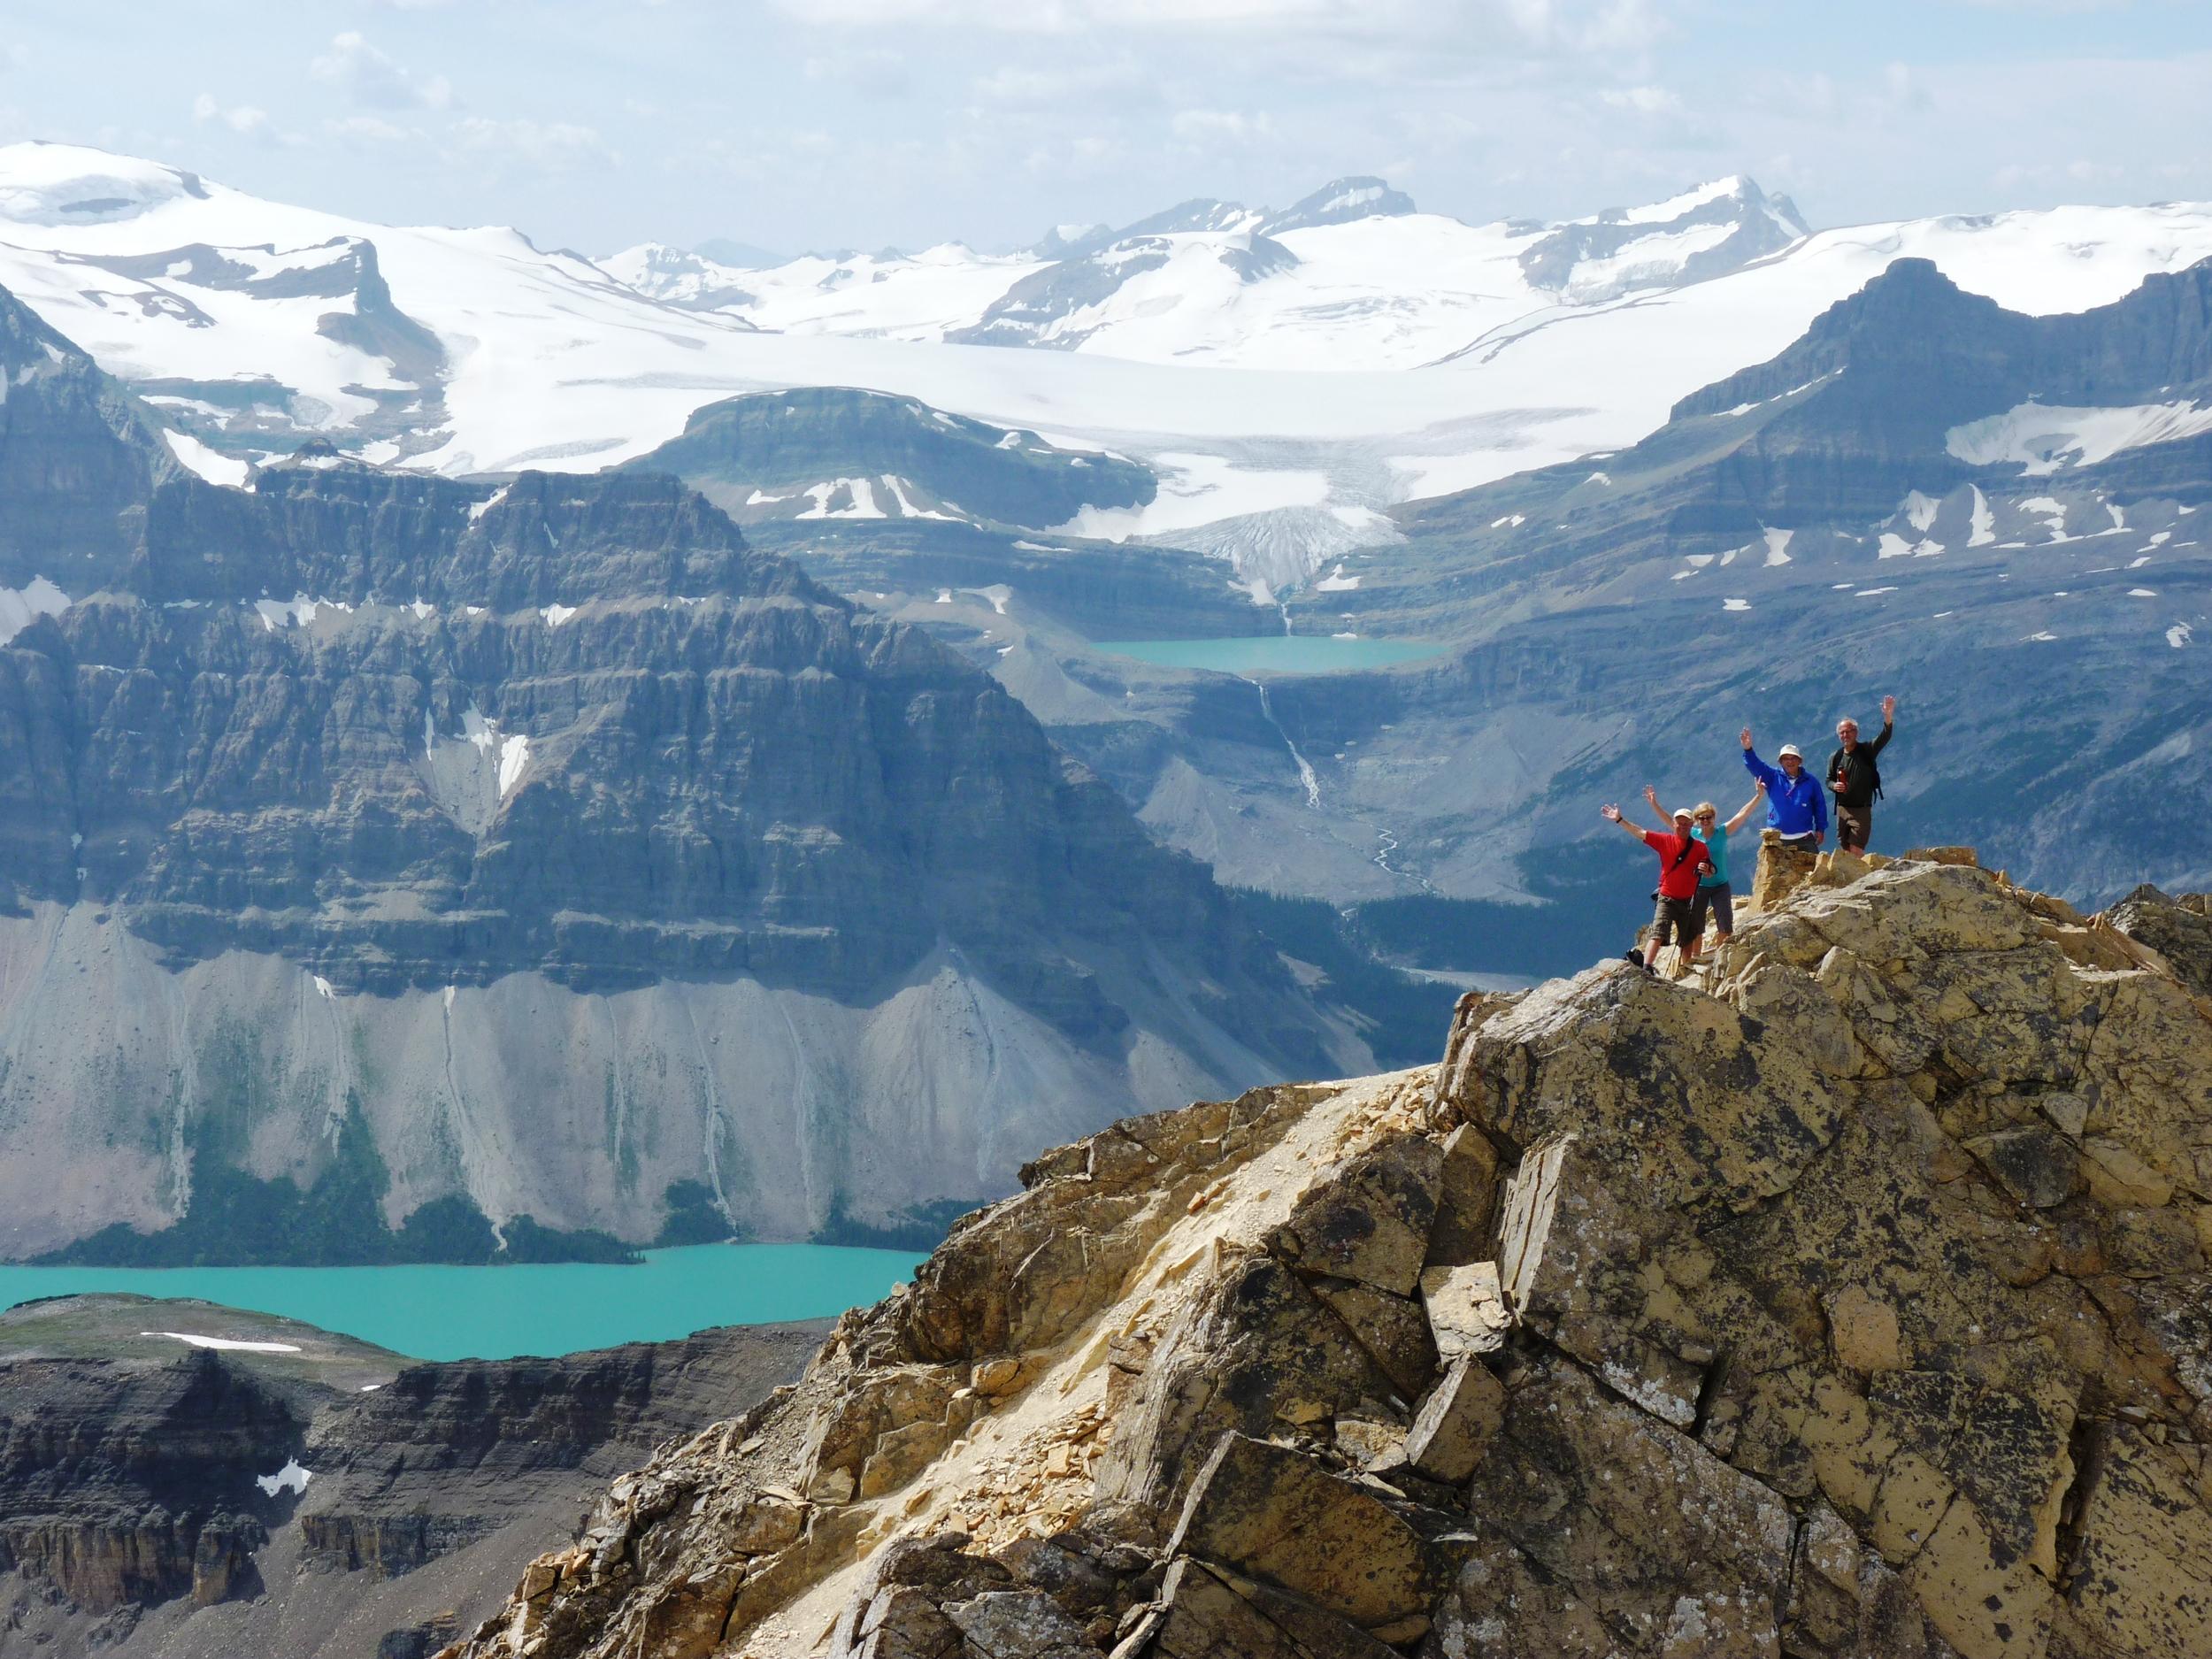 Cirque Peak and Bow Lk & Glacier